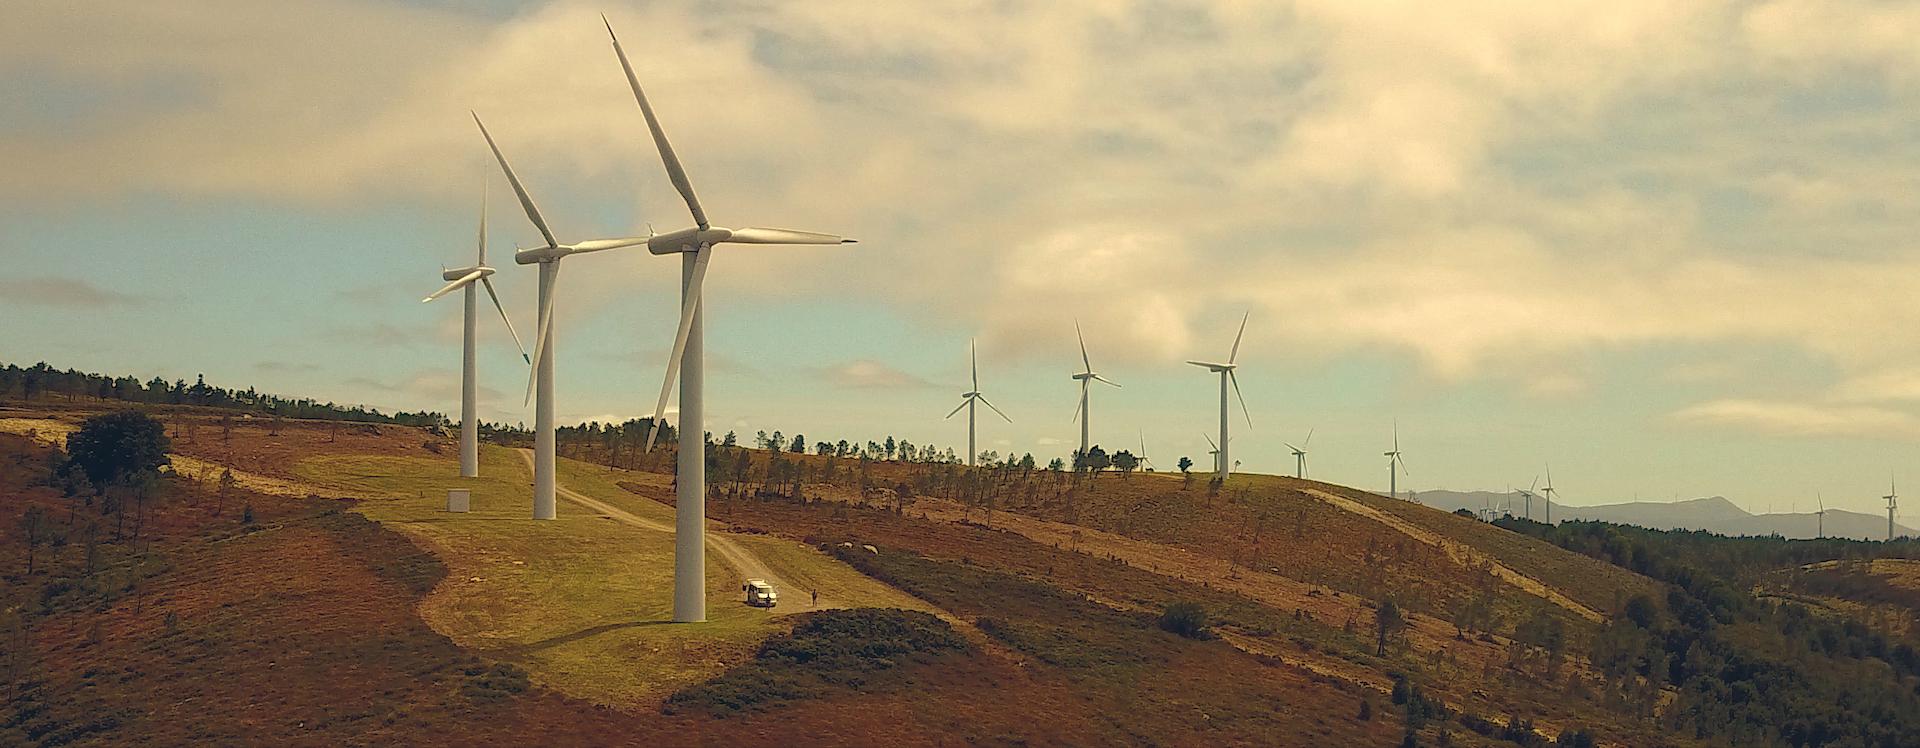 Fotografía de stock desde un dron de 5h2o y PolZakc volando entre molinos de viento